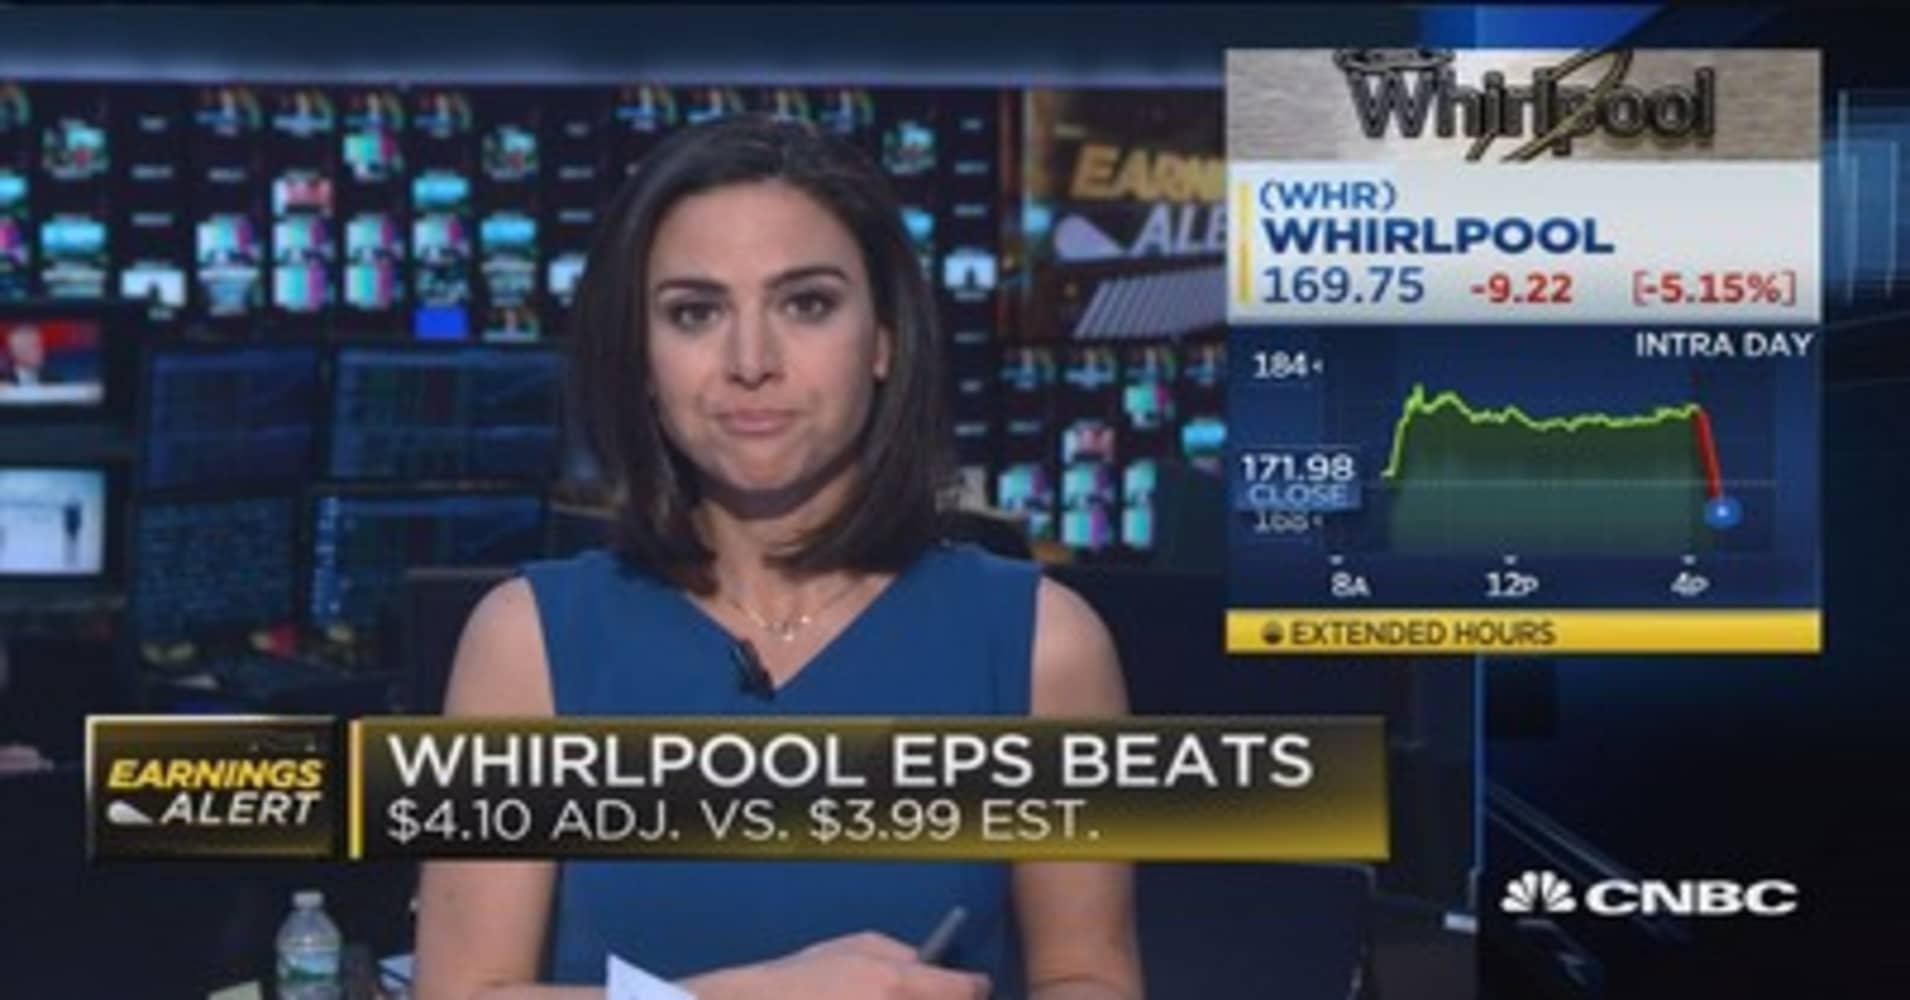 Whirlpool sinks on revenue miss